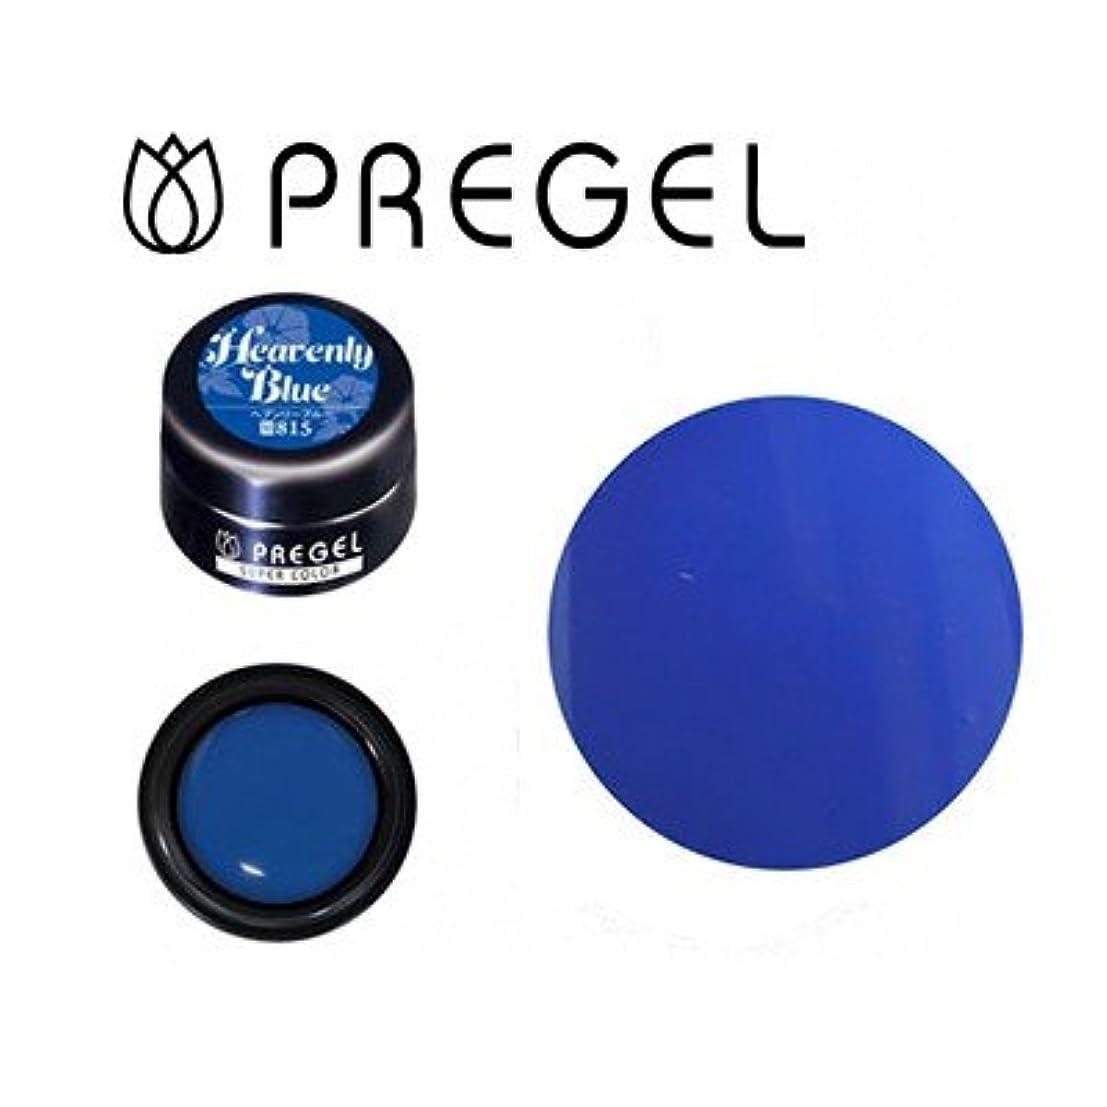 ジェルネイル カラージェル プリジェル PREGEL スーパーカラーEX PG-SE815 ヘブンリーブルー 4g